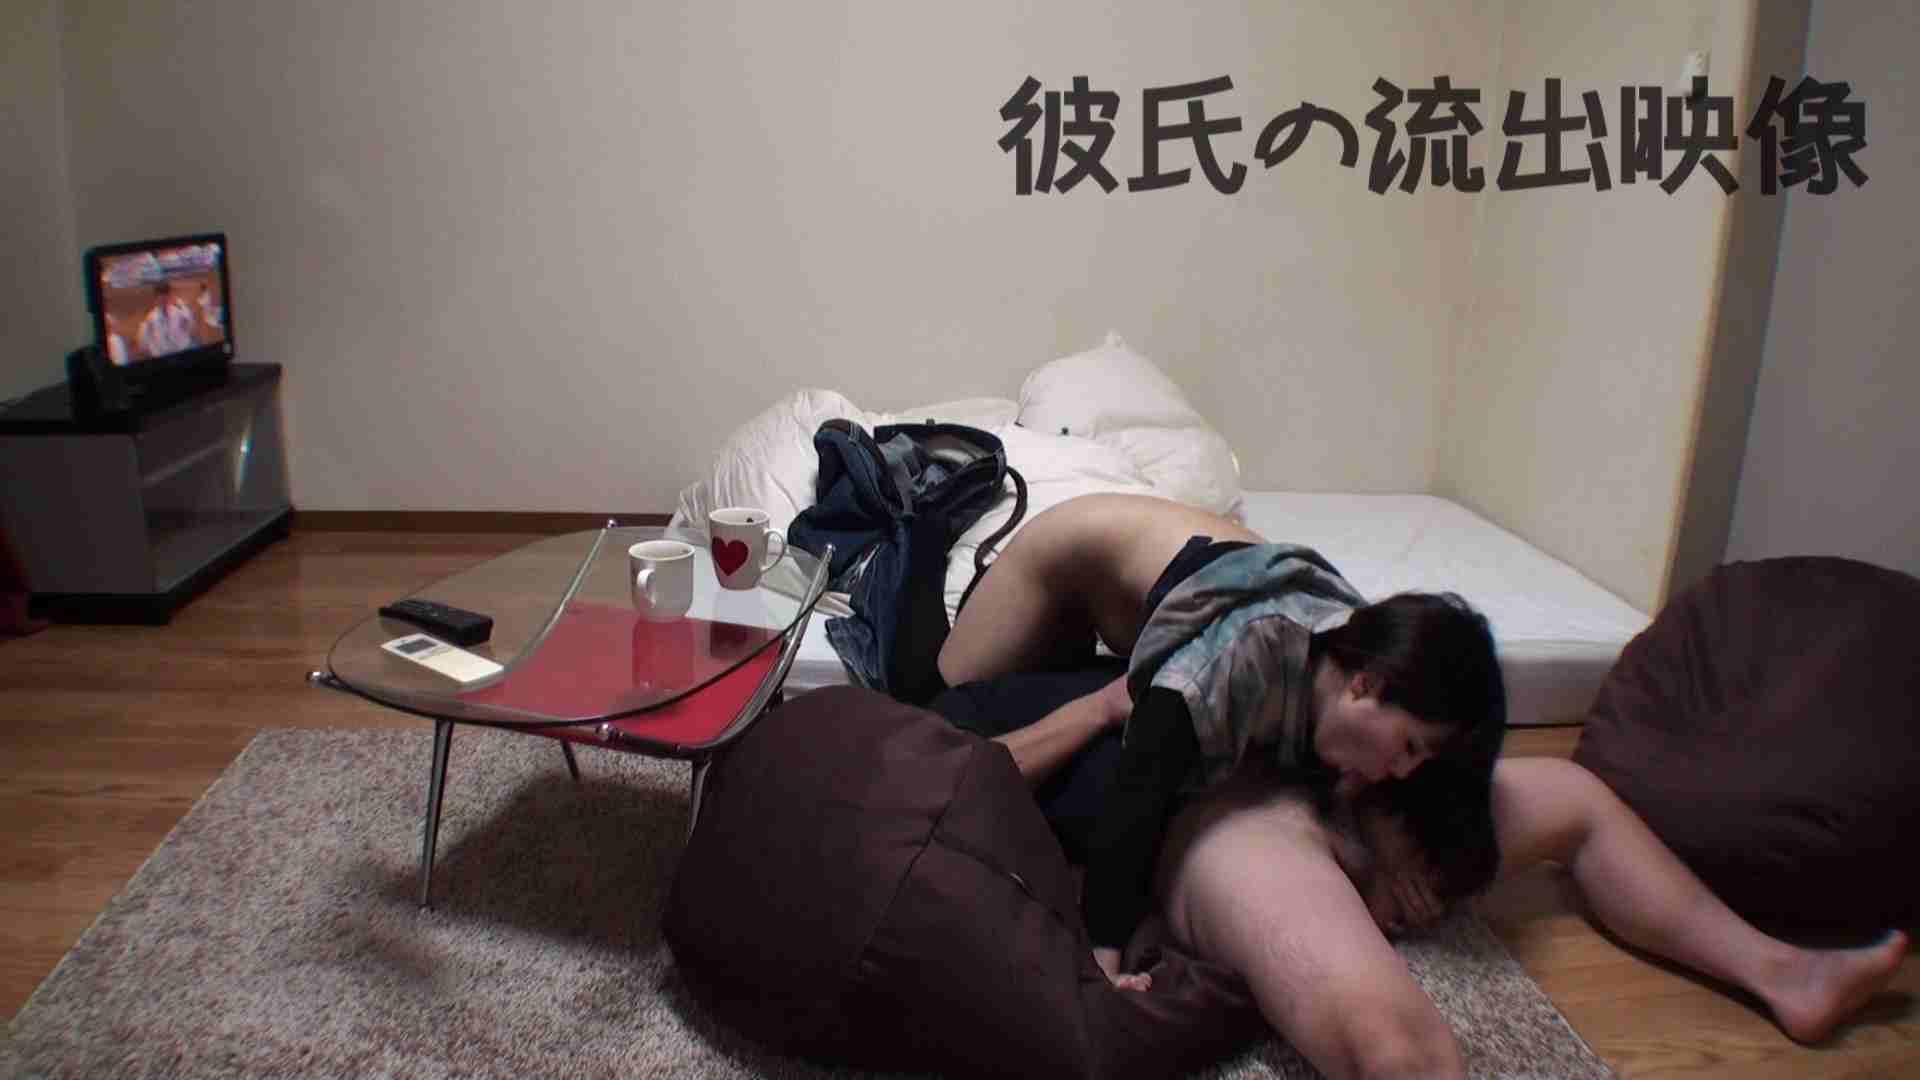 彼氏が流出 パイパン素人嬢のハメ撮り映像02 パイパン天国 オメコ動画キャプチャ 73PIX 47